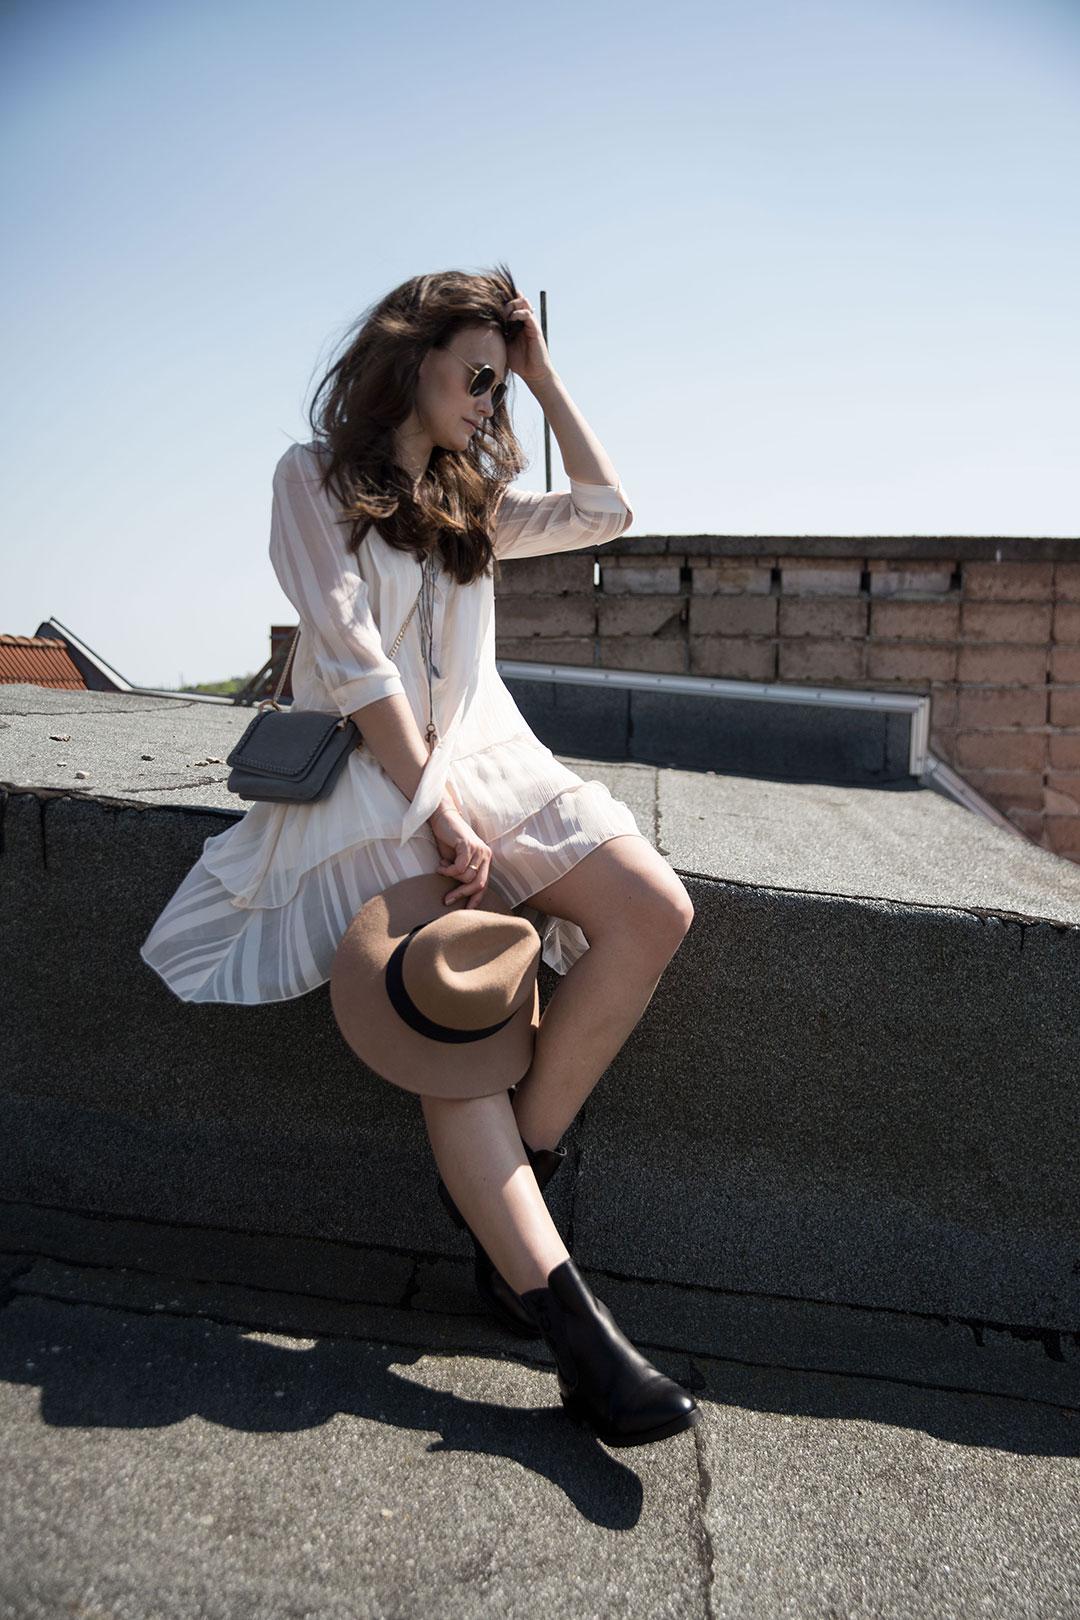 Luftig leichtes Sommerkleid mit derben Boots_1080